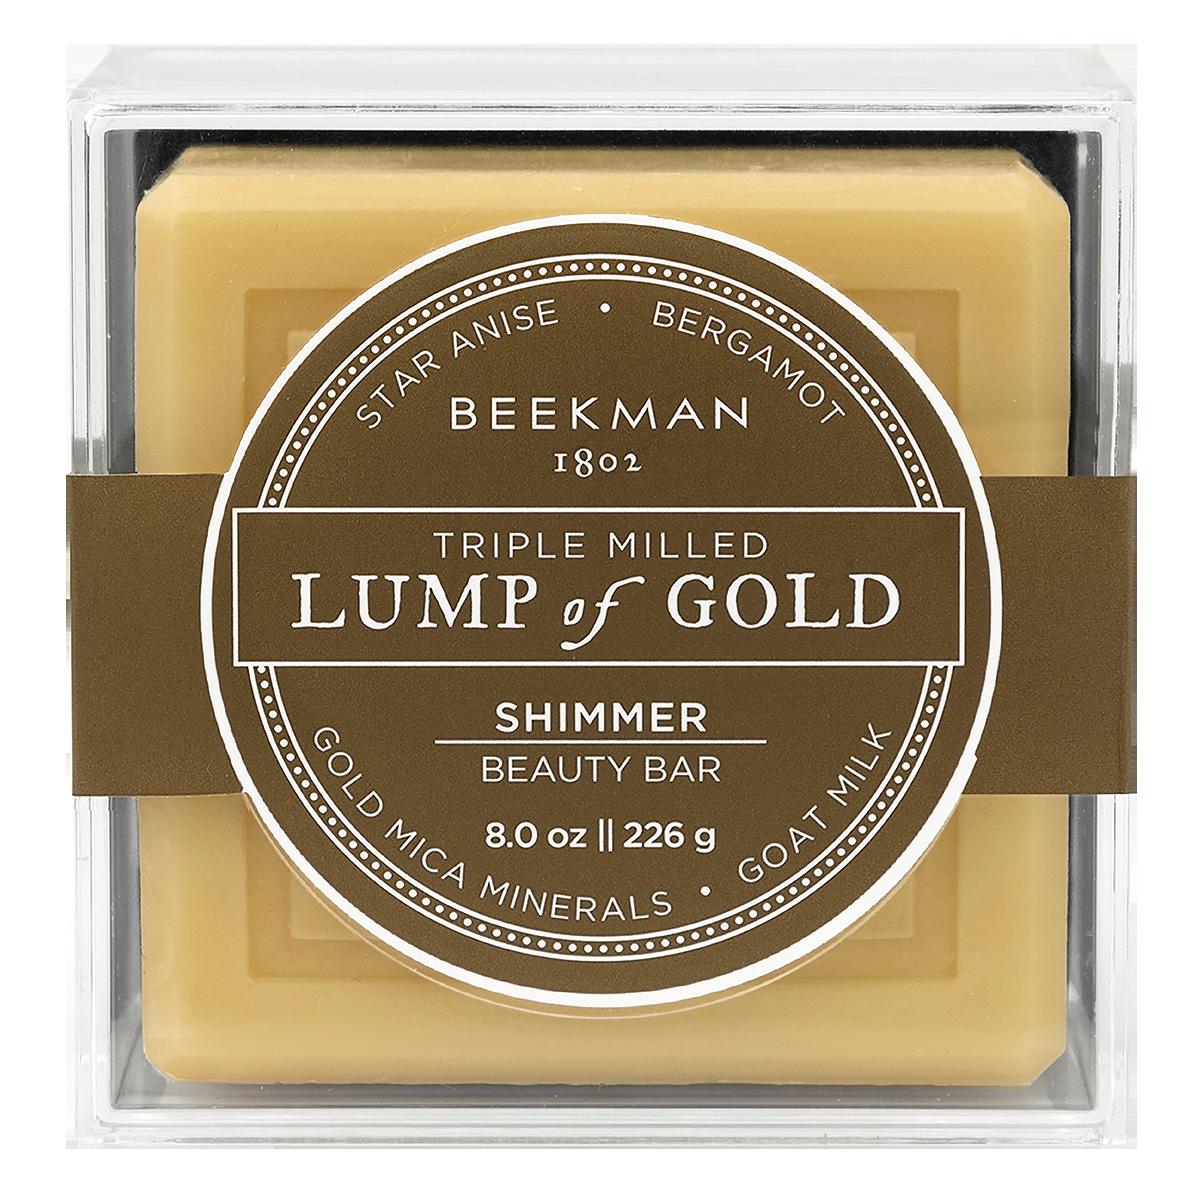 Beekman 1802 Lump of Gold Shimmer Beauty Bar